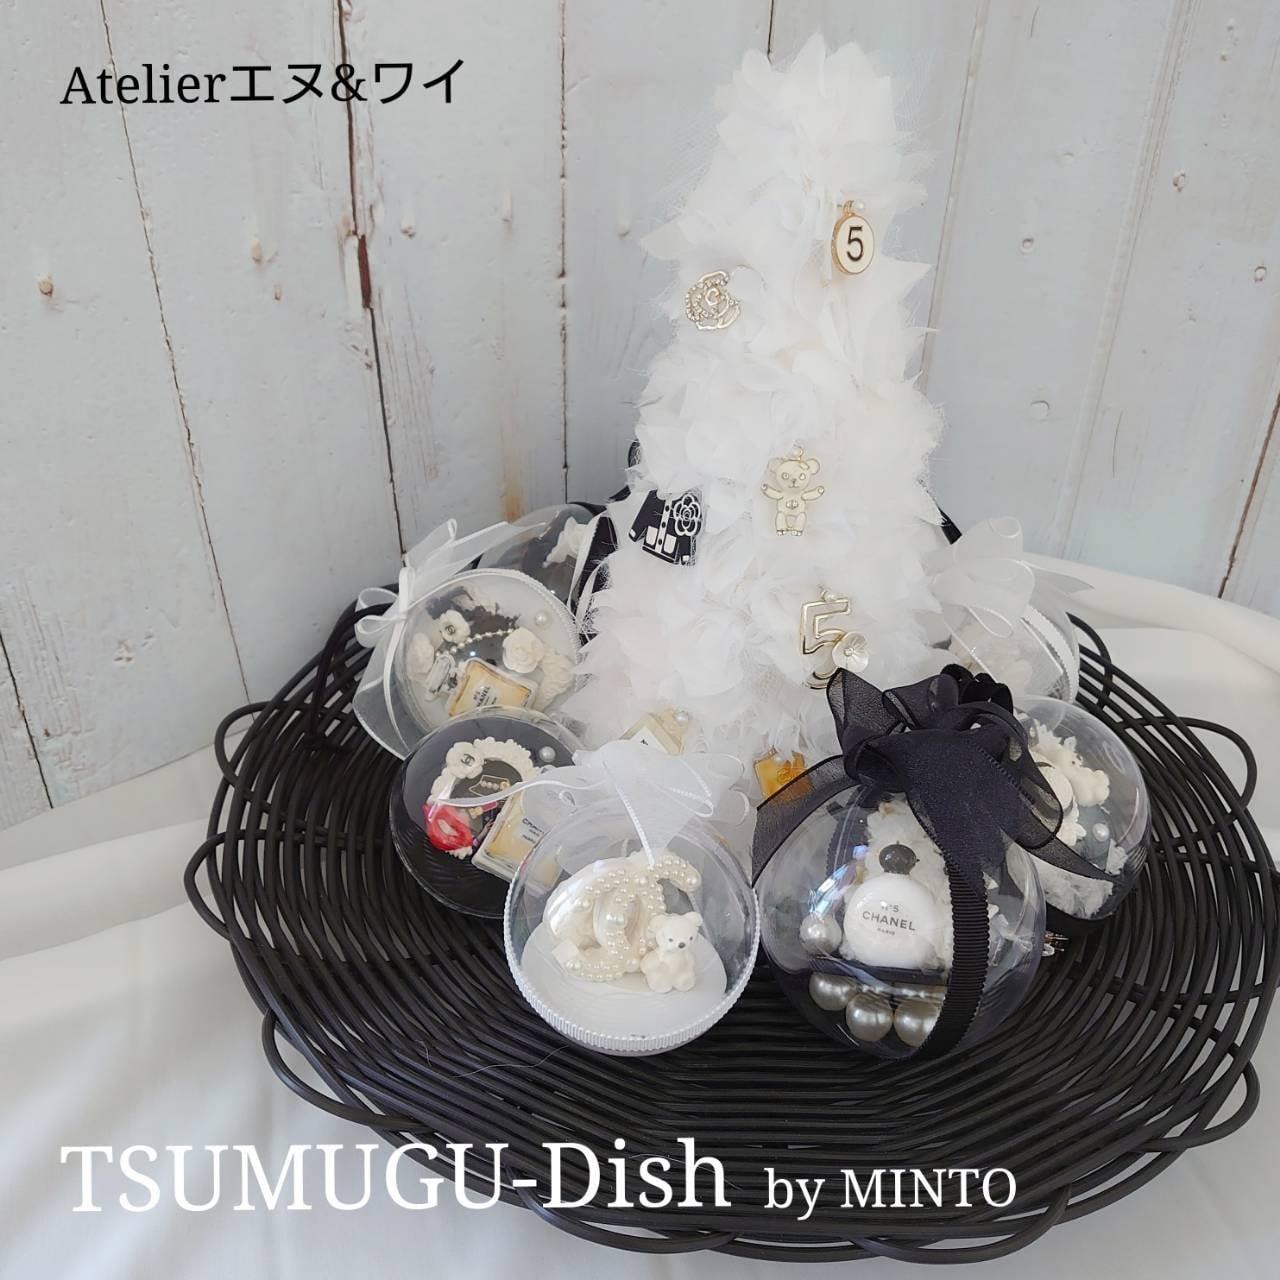 対面レッスン付き 編むアンダープレート【Tsumugu〜dish〜】 by MINTO オンライン要ご相談のイメージその4